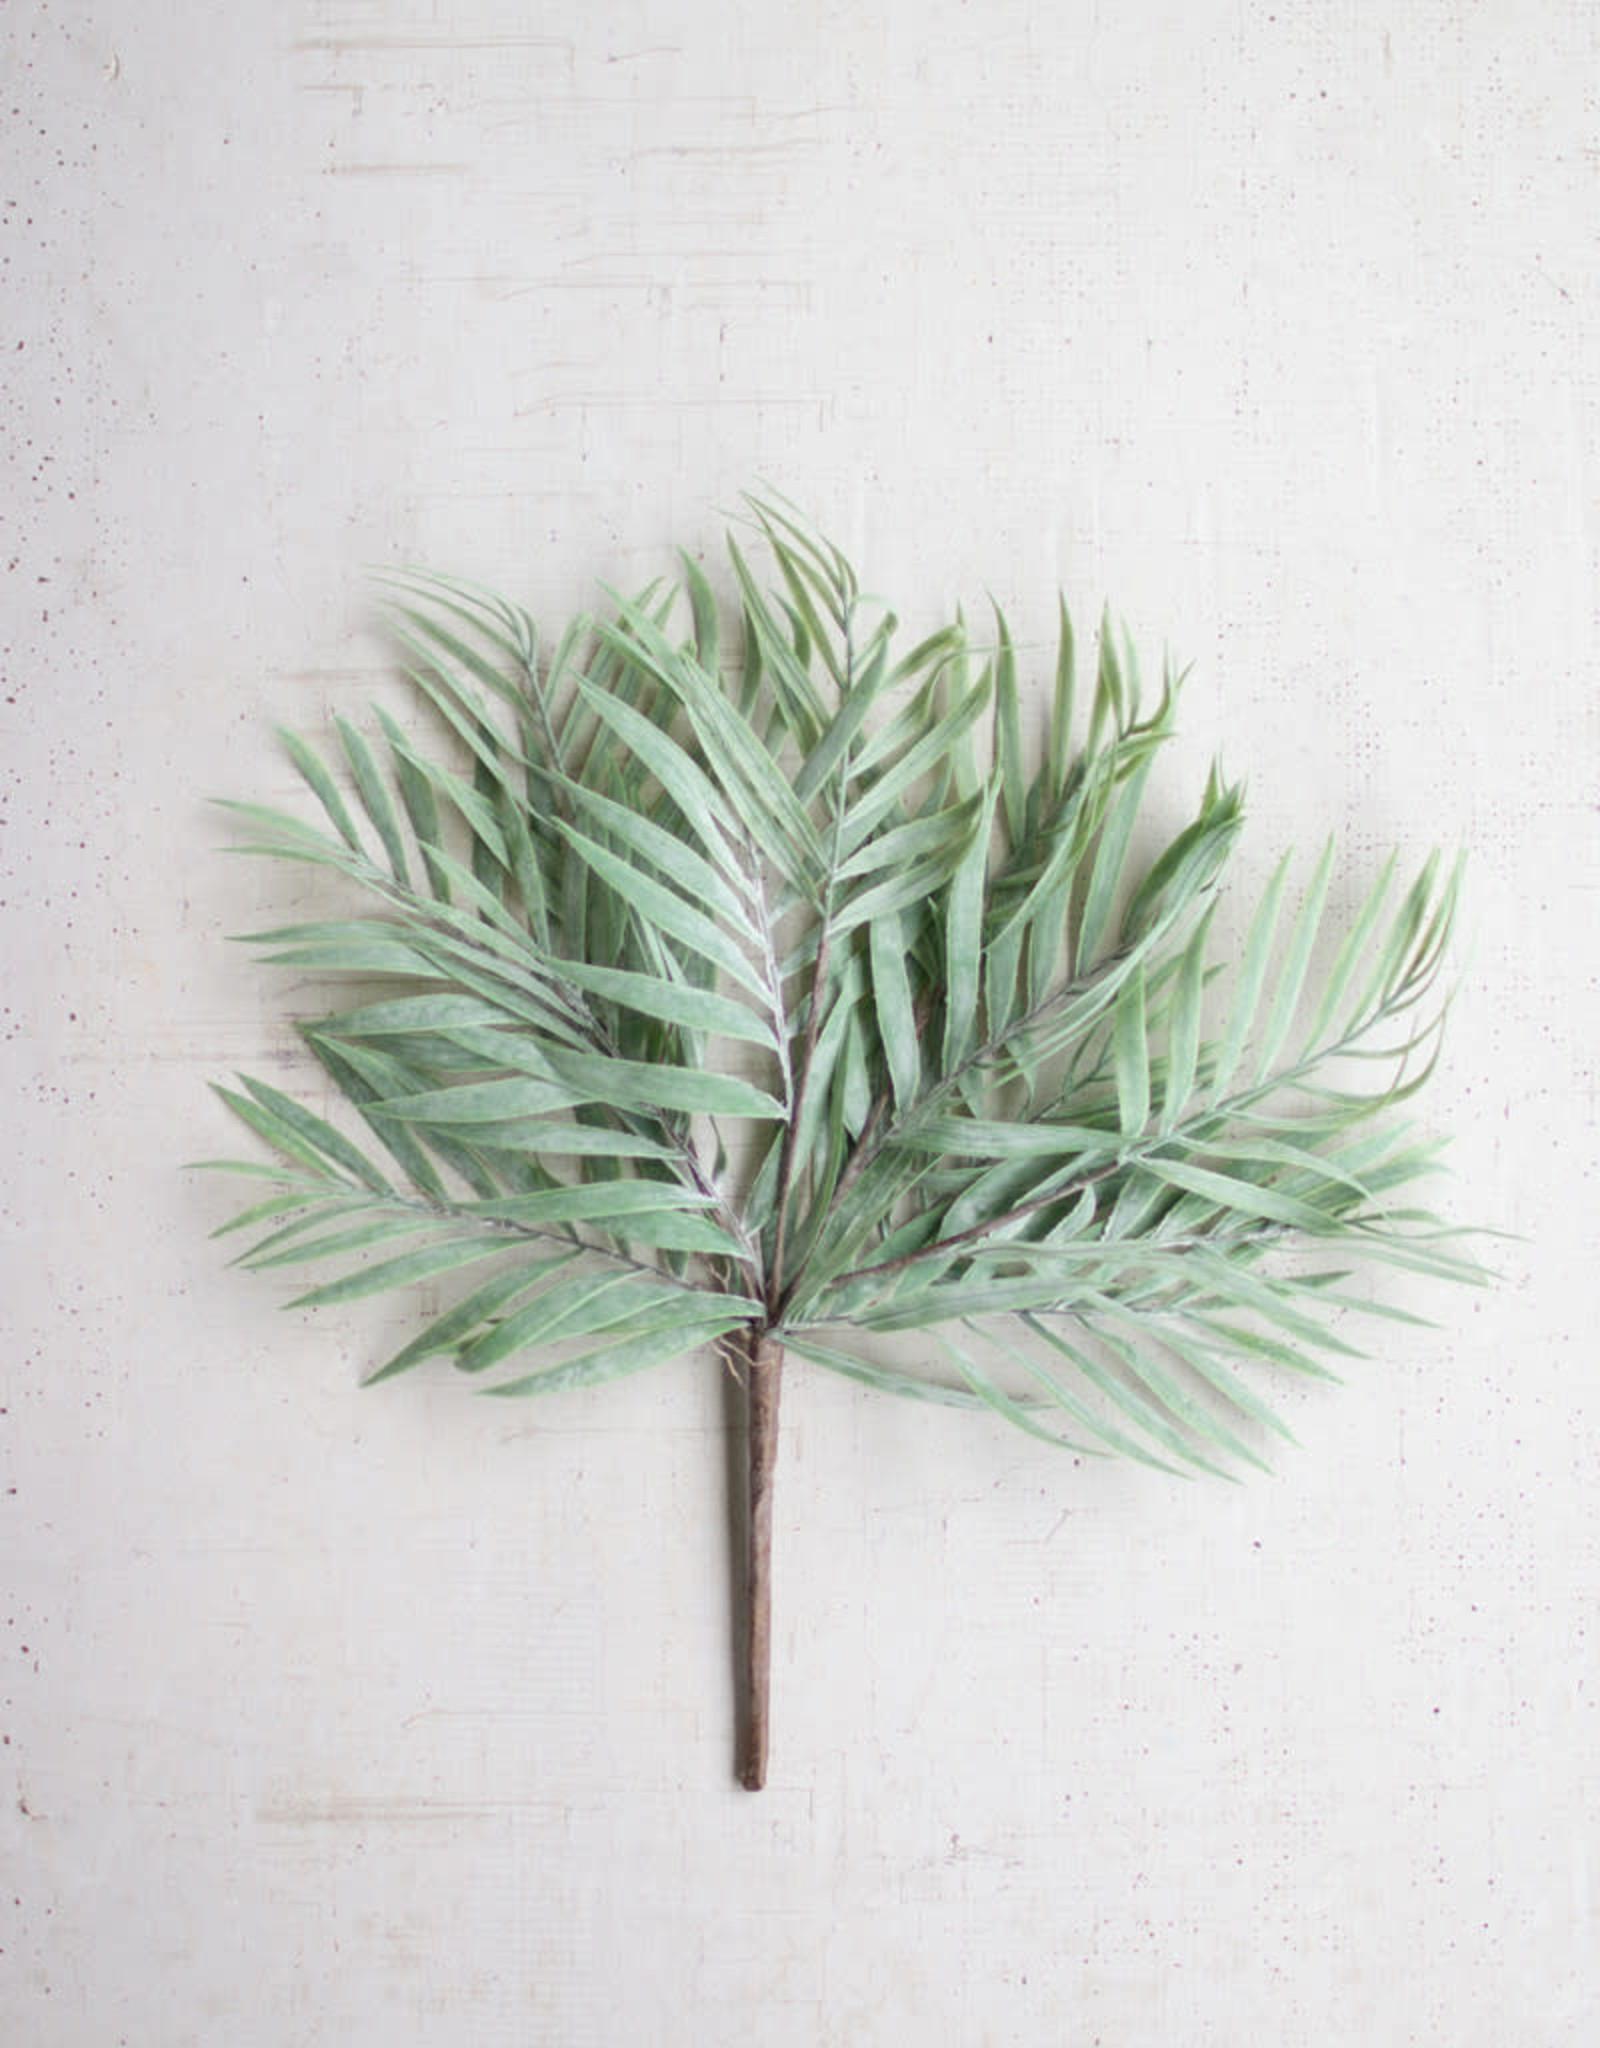 Kalalou Bamboo Leaves Bundle